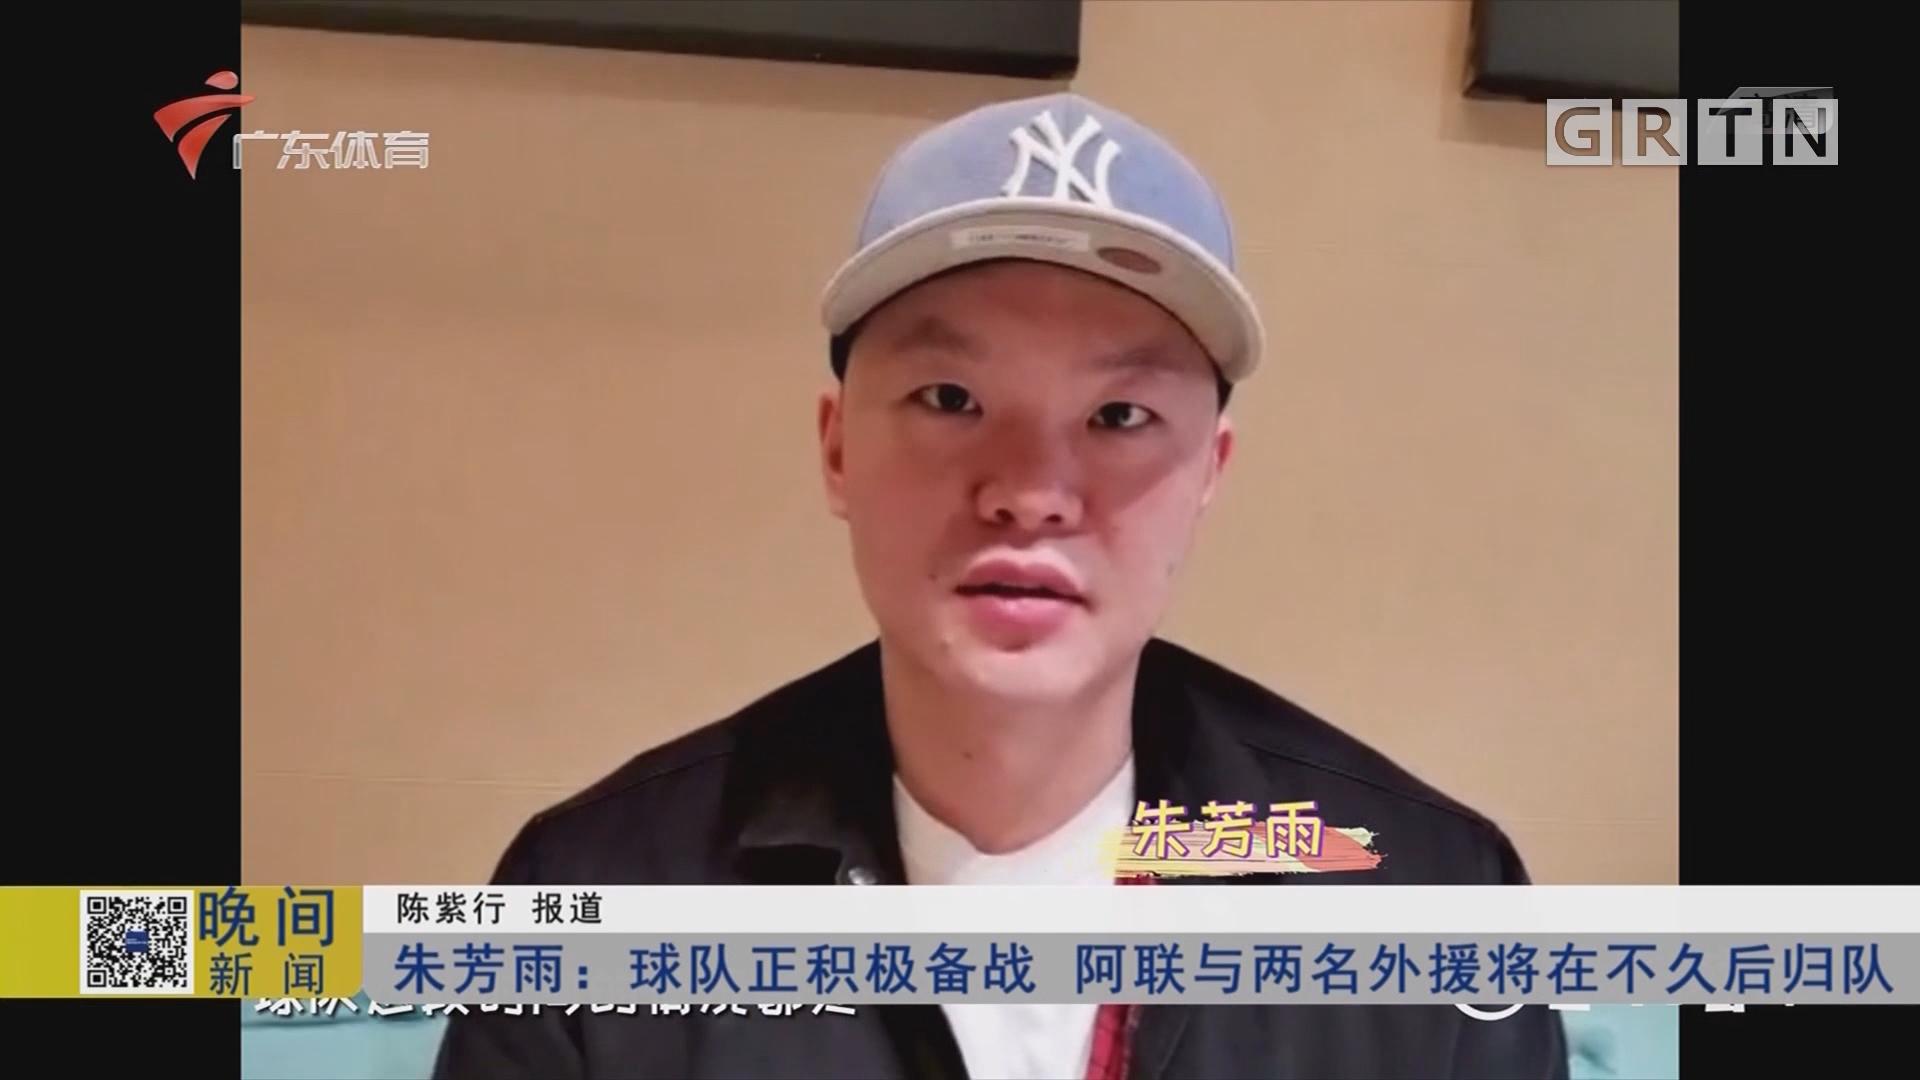 朱芳雨:球队正积极备战 阿联与两名外援将在不久后归队